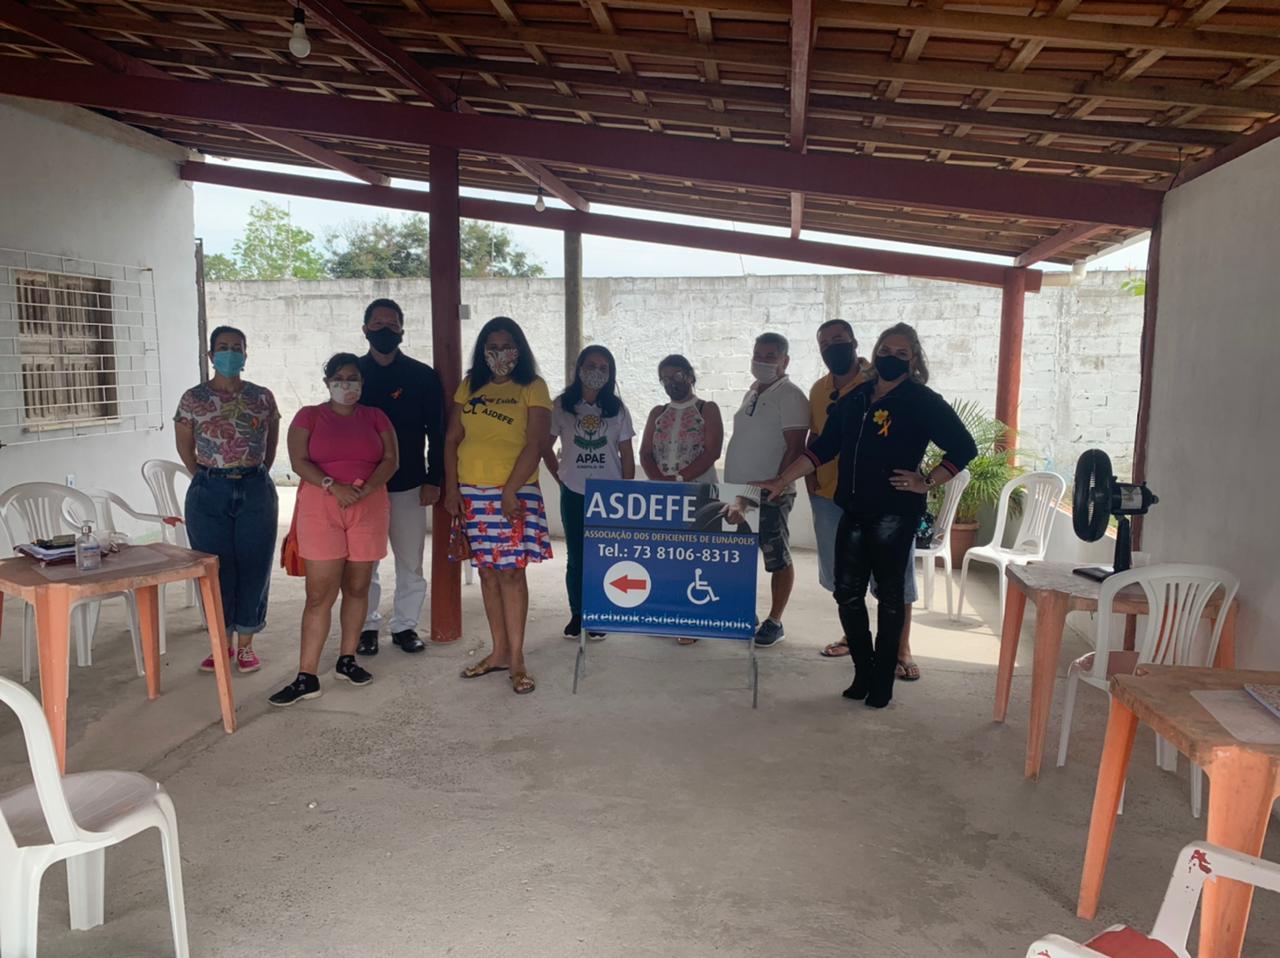 Assistência Social e Conselho Municipal da Pessoa com Deficiência promovem reunião com a ASDEFE 20